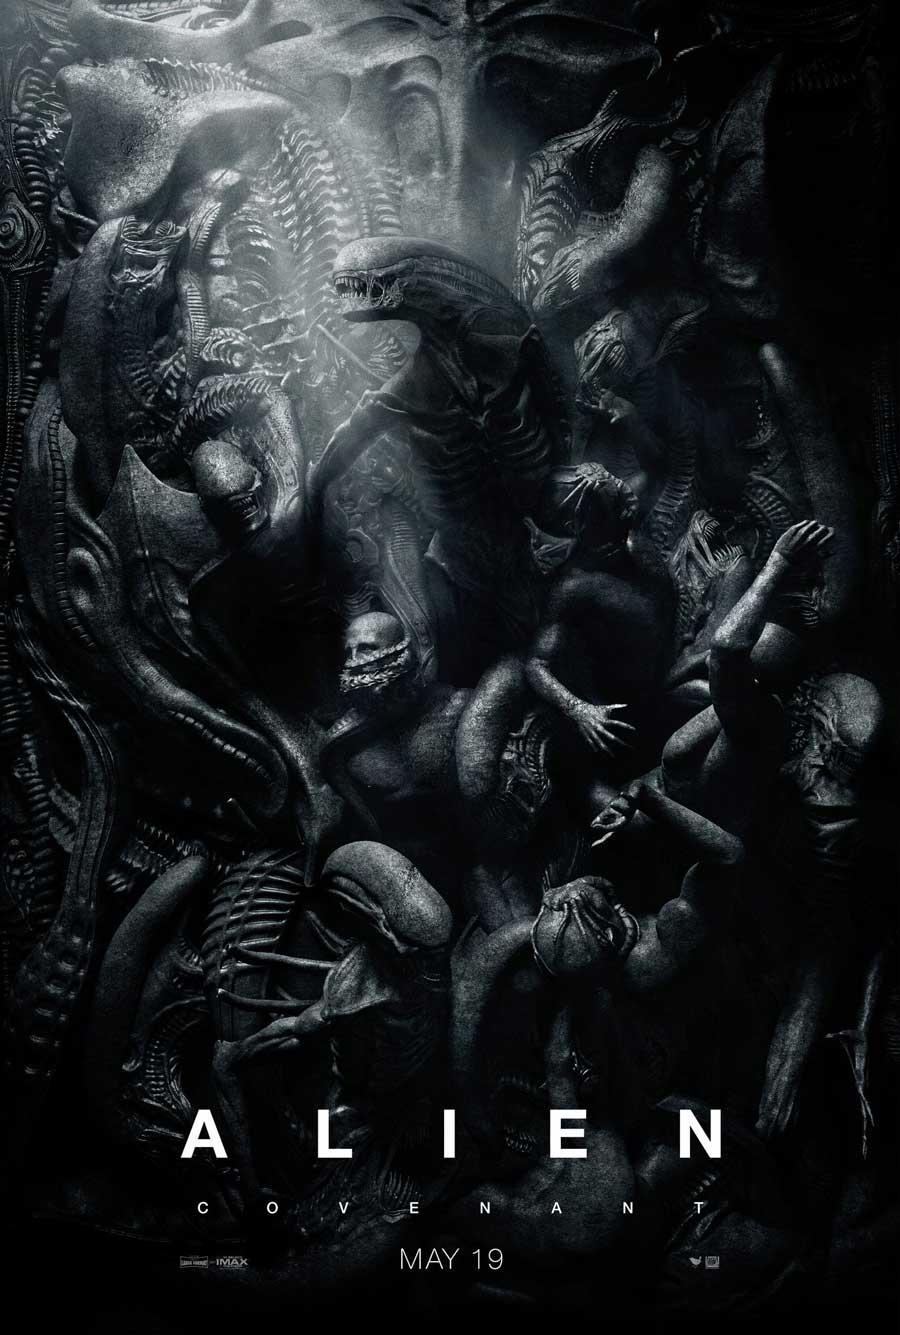 Poster for Alien: Covenant